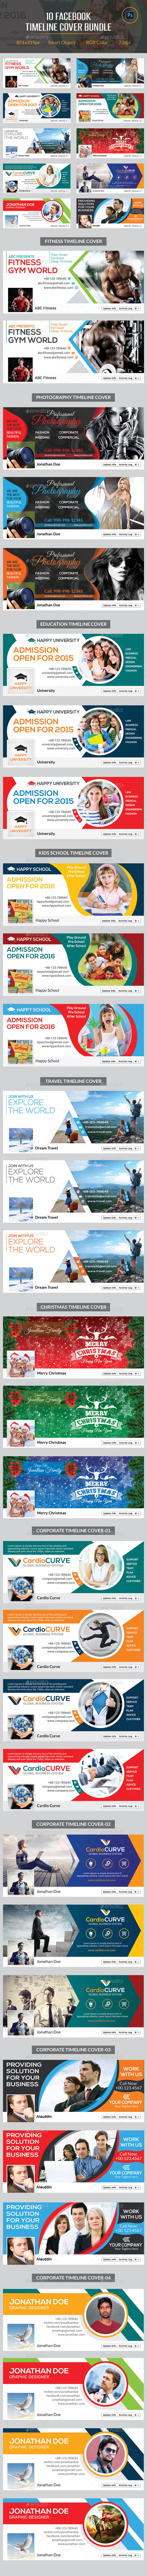 GraphicRiver 10 Facebook Timeline Cover Bundle 11637262